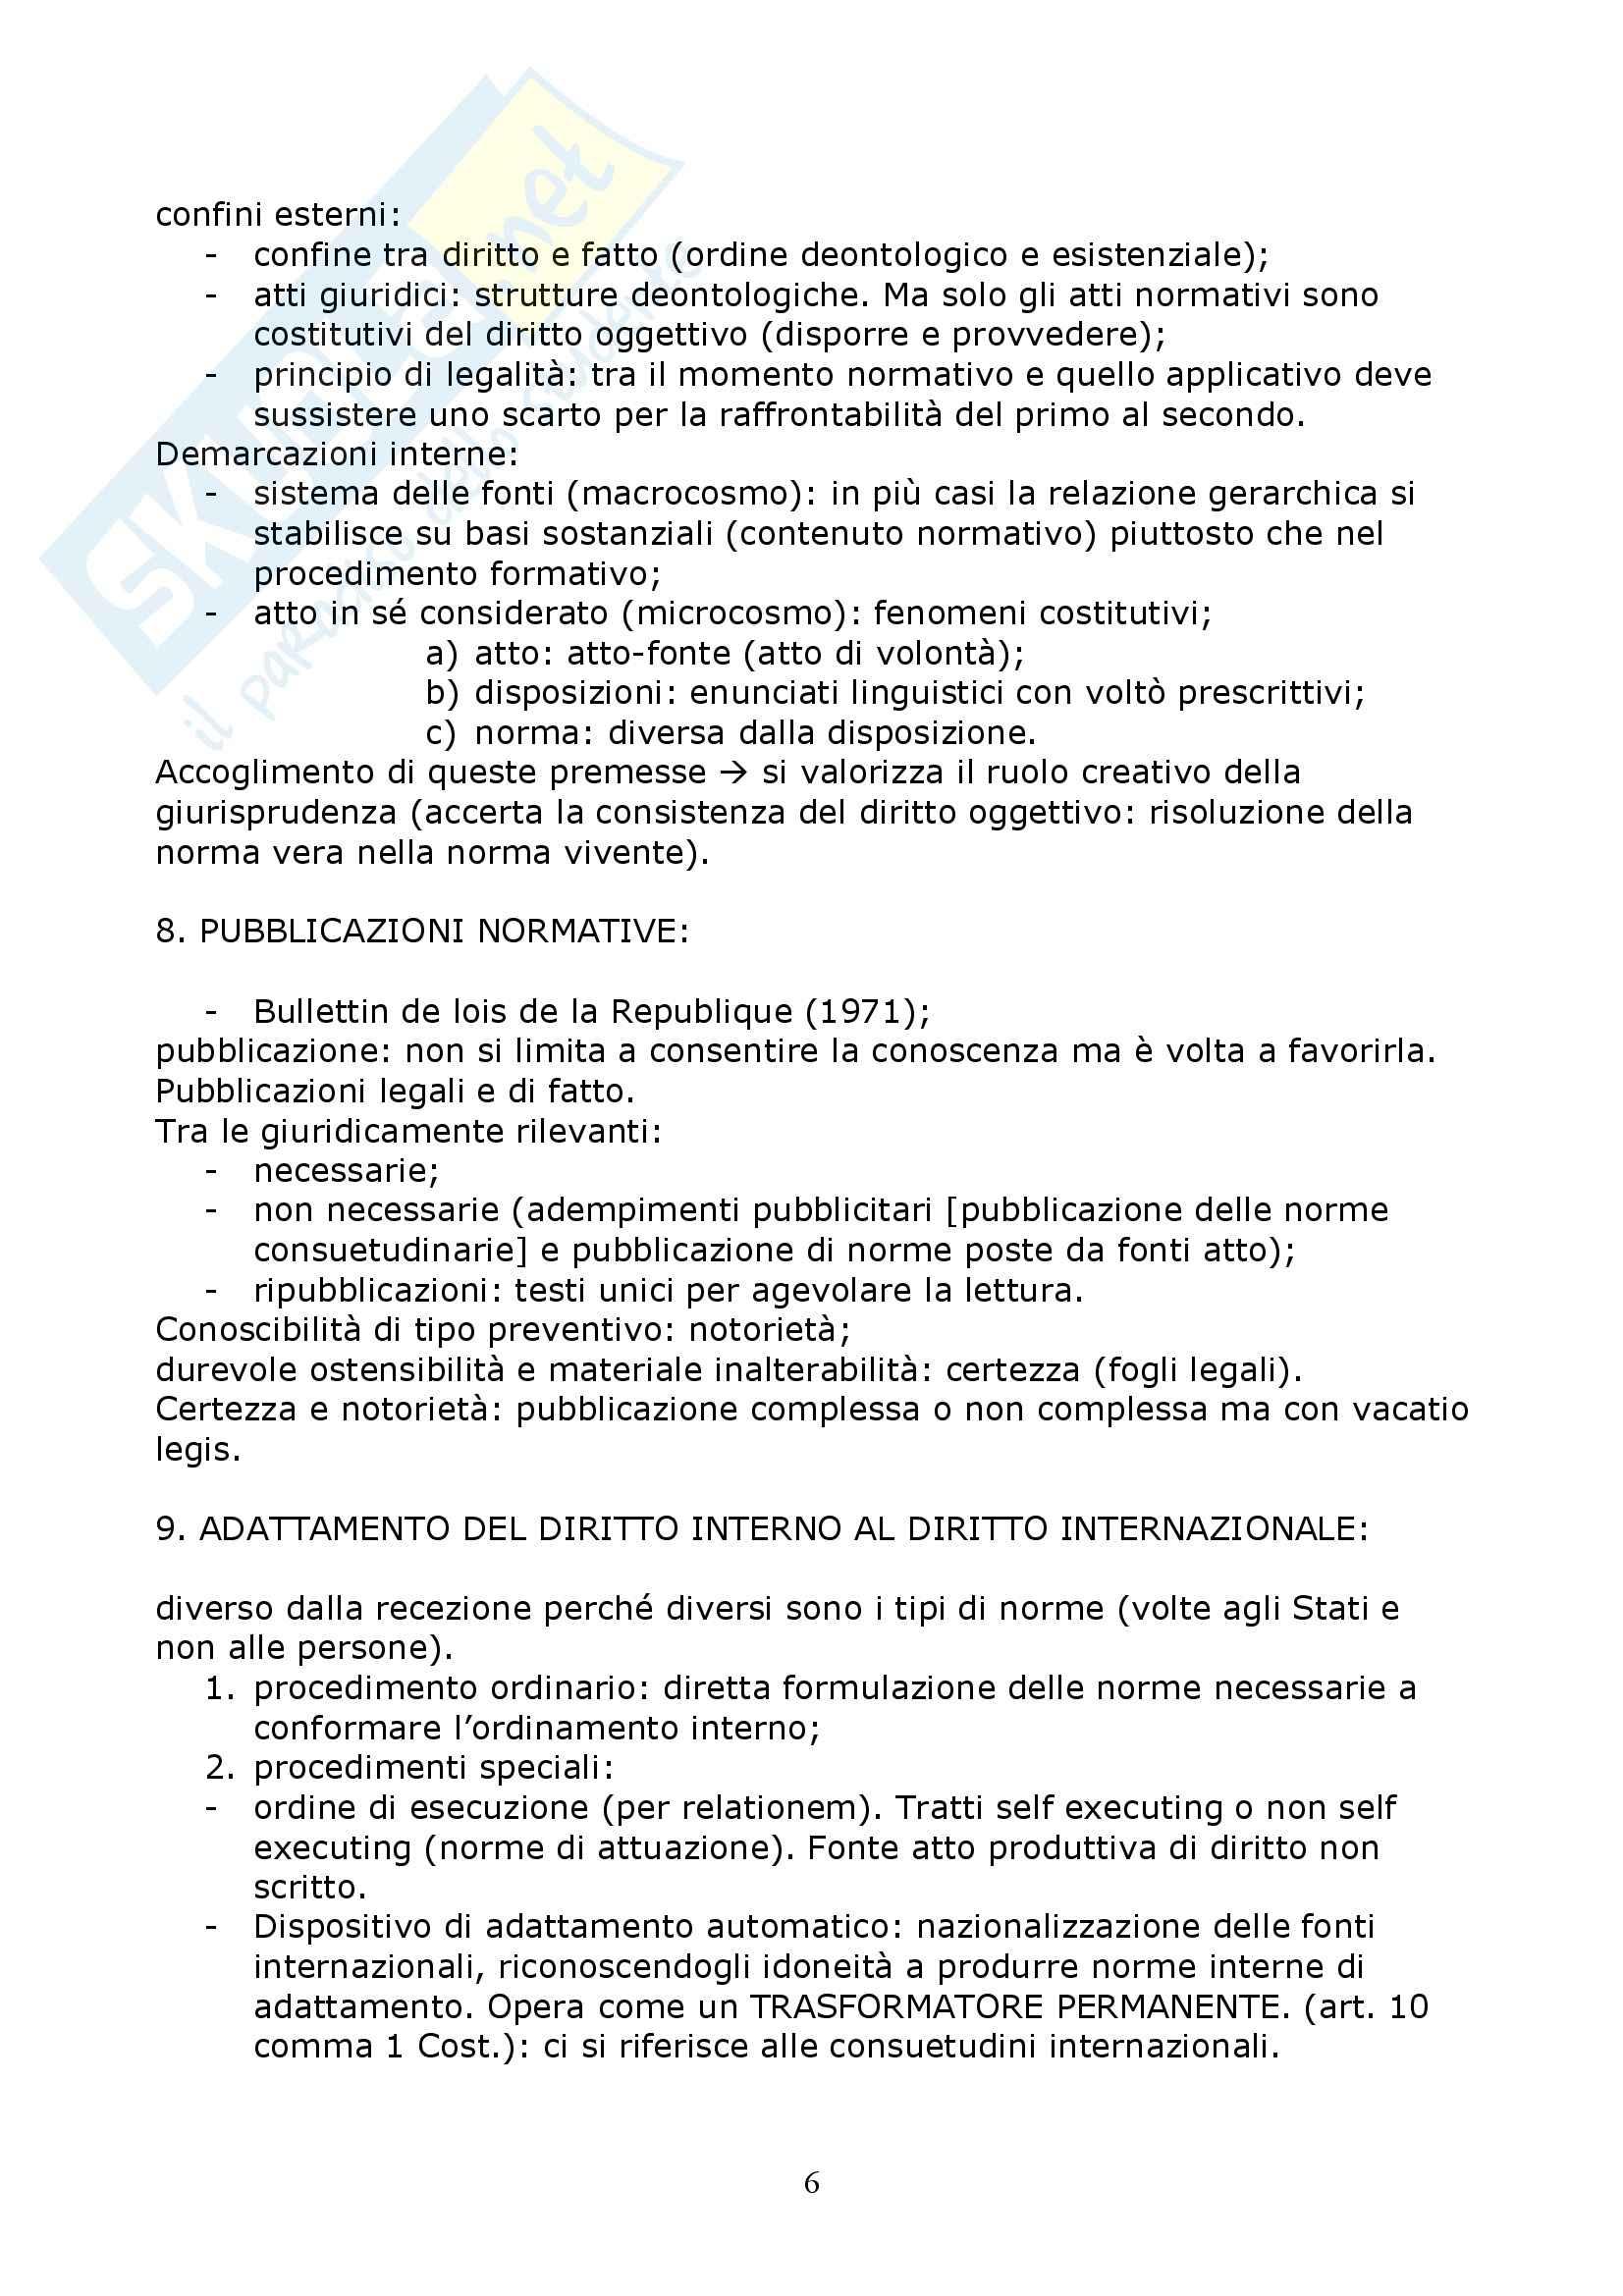 Diritto costituzionale - Schema Pag. 6